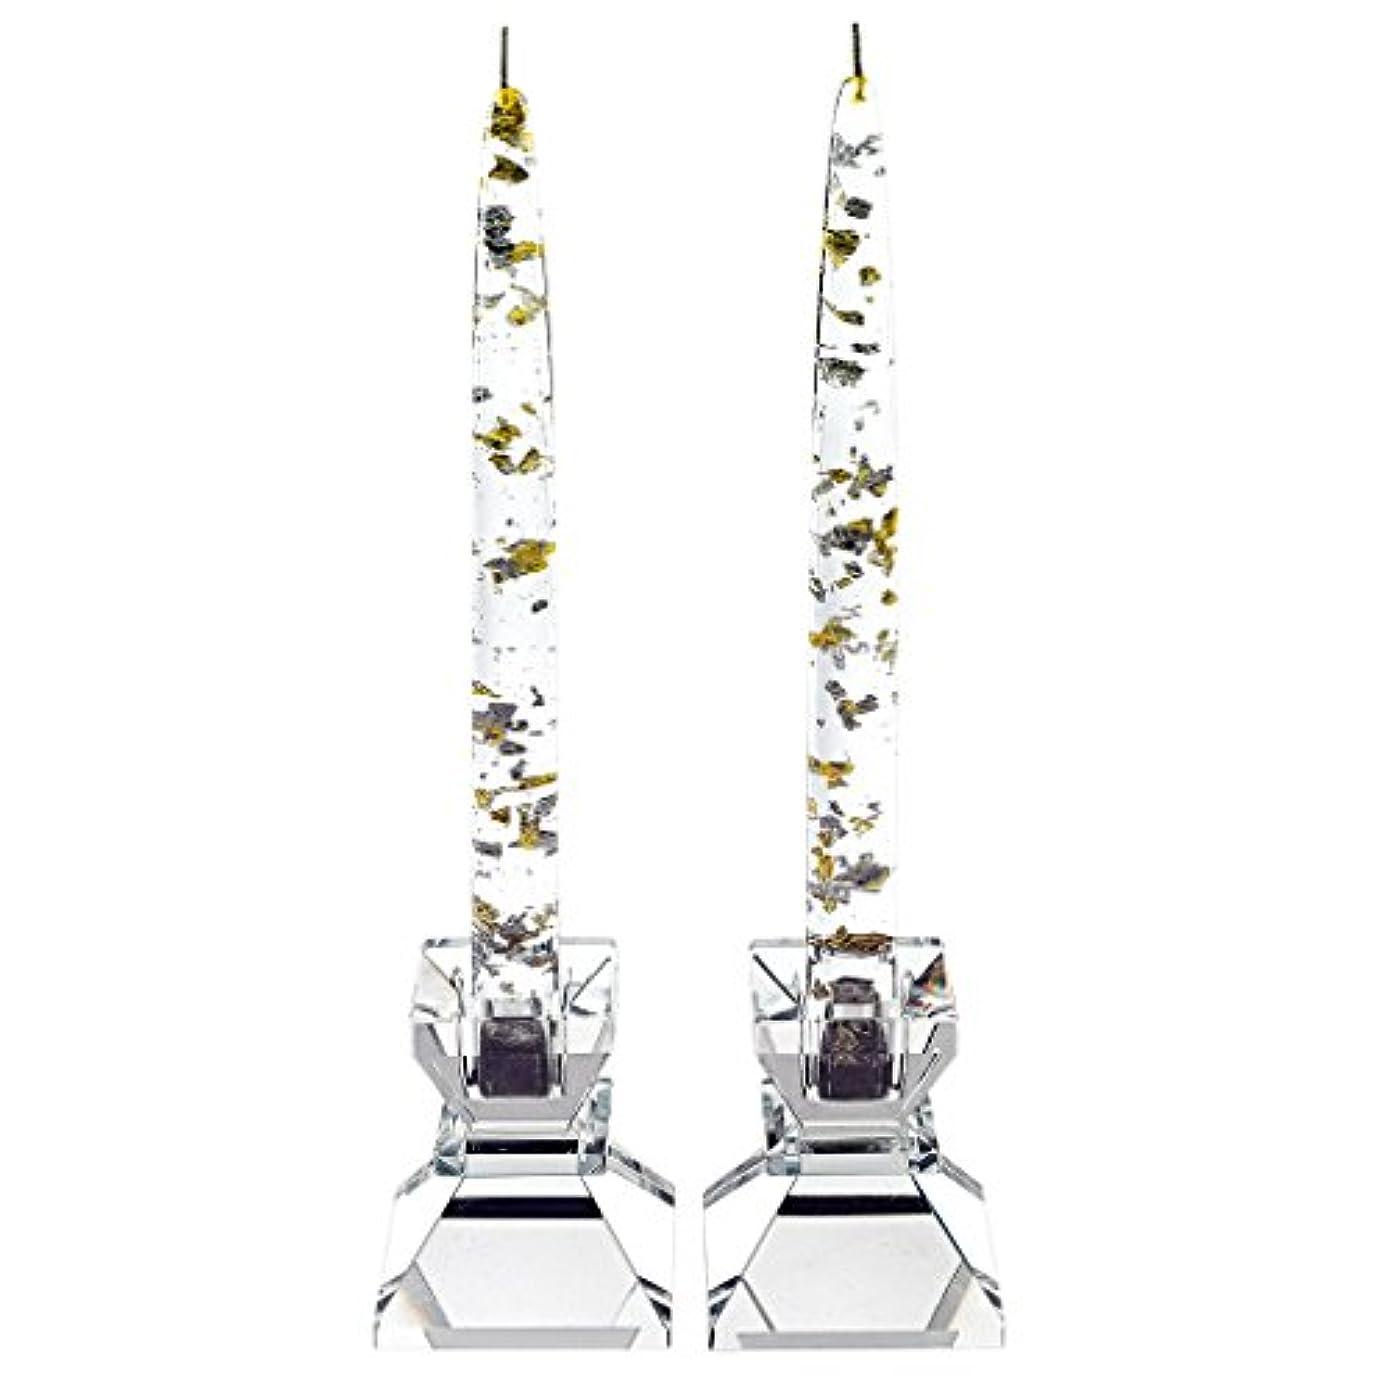 抽象お願いします汗Badash Crystal G121 SILVER - GOLD FLECK 8 in. CANDLE